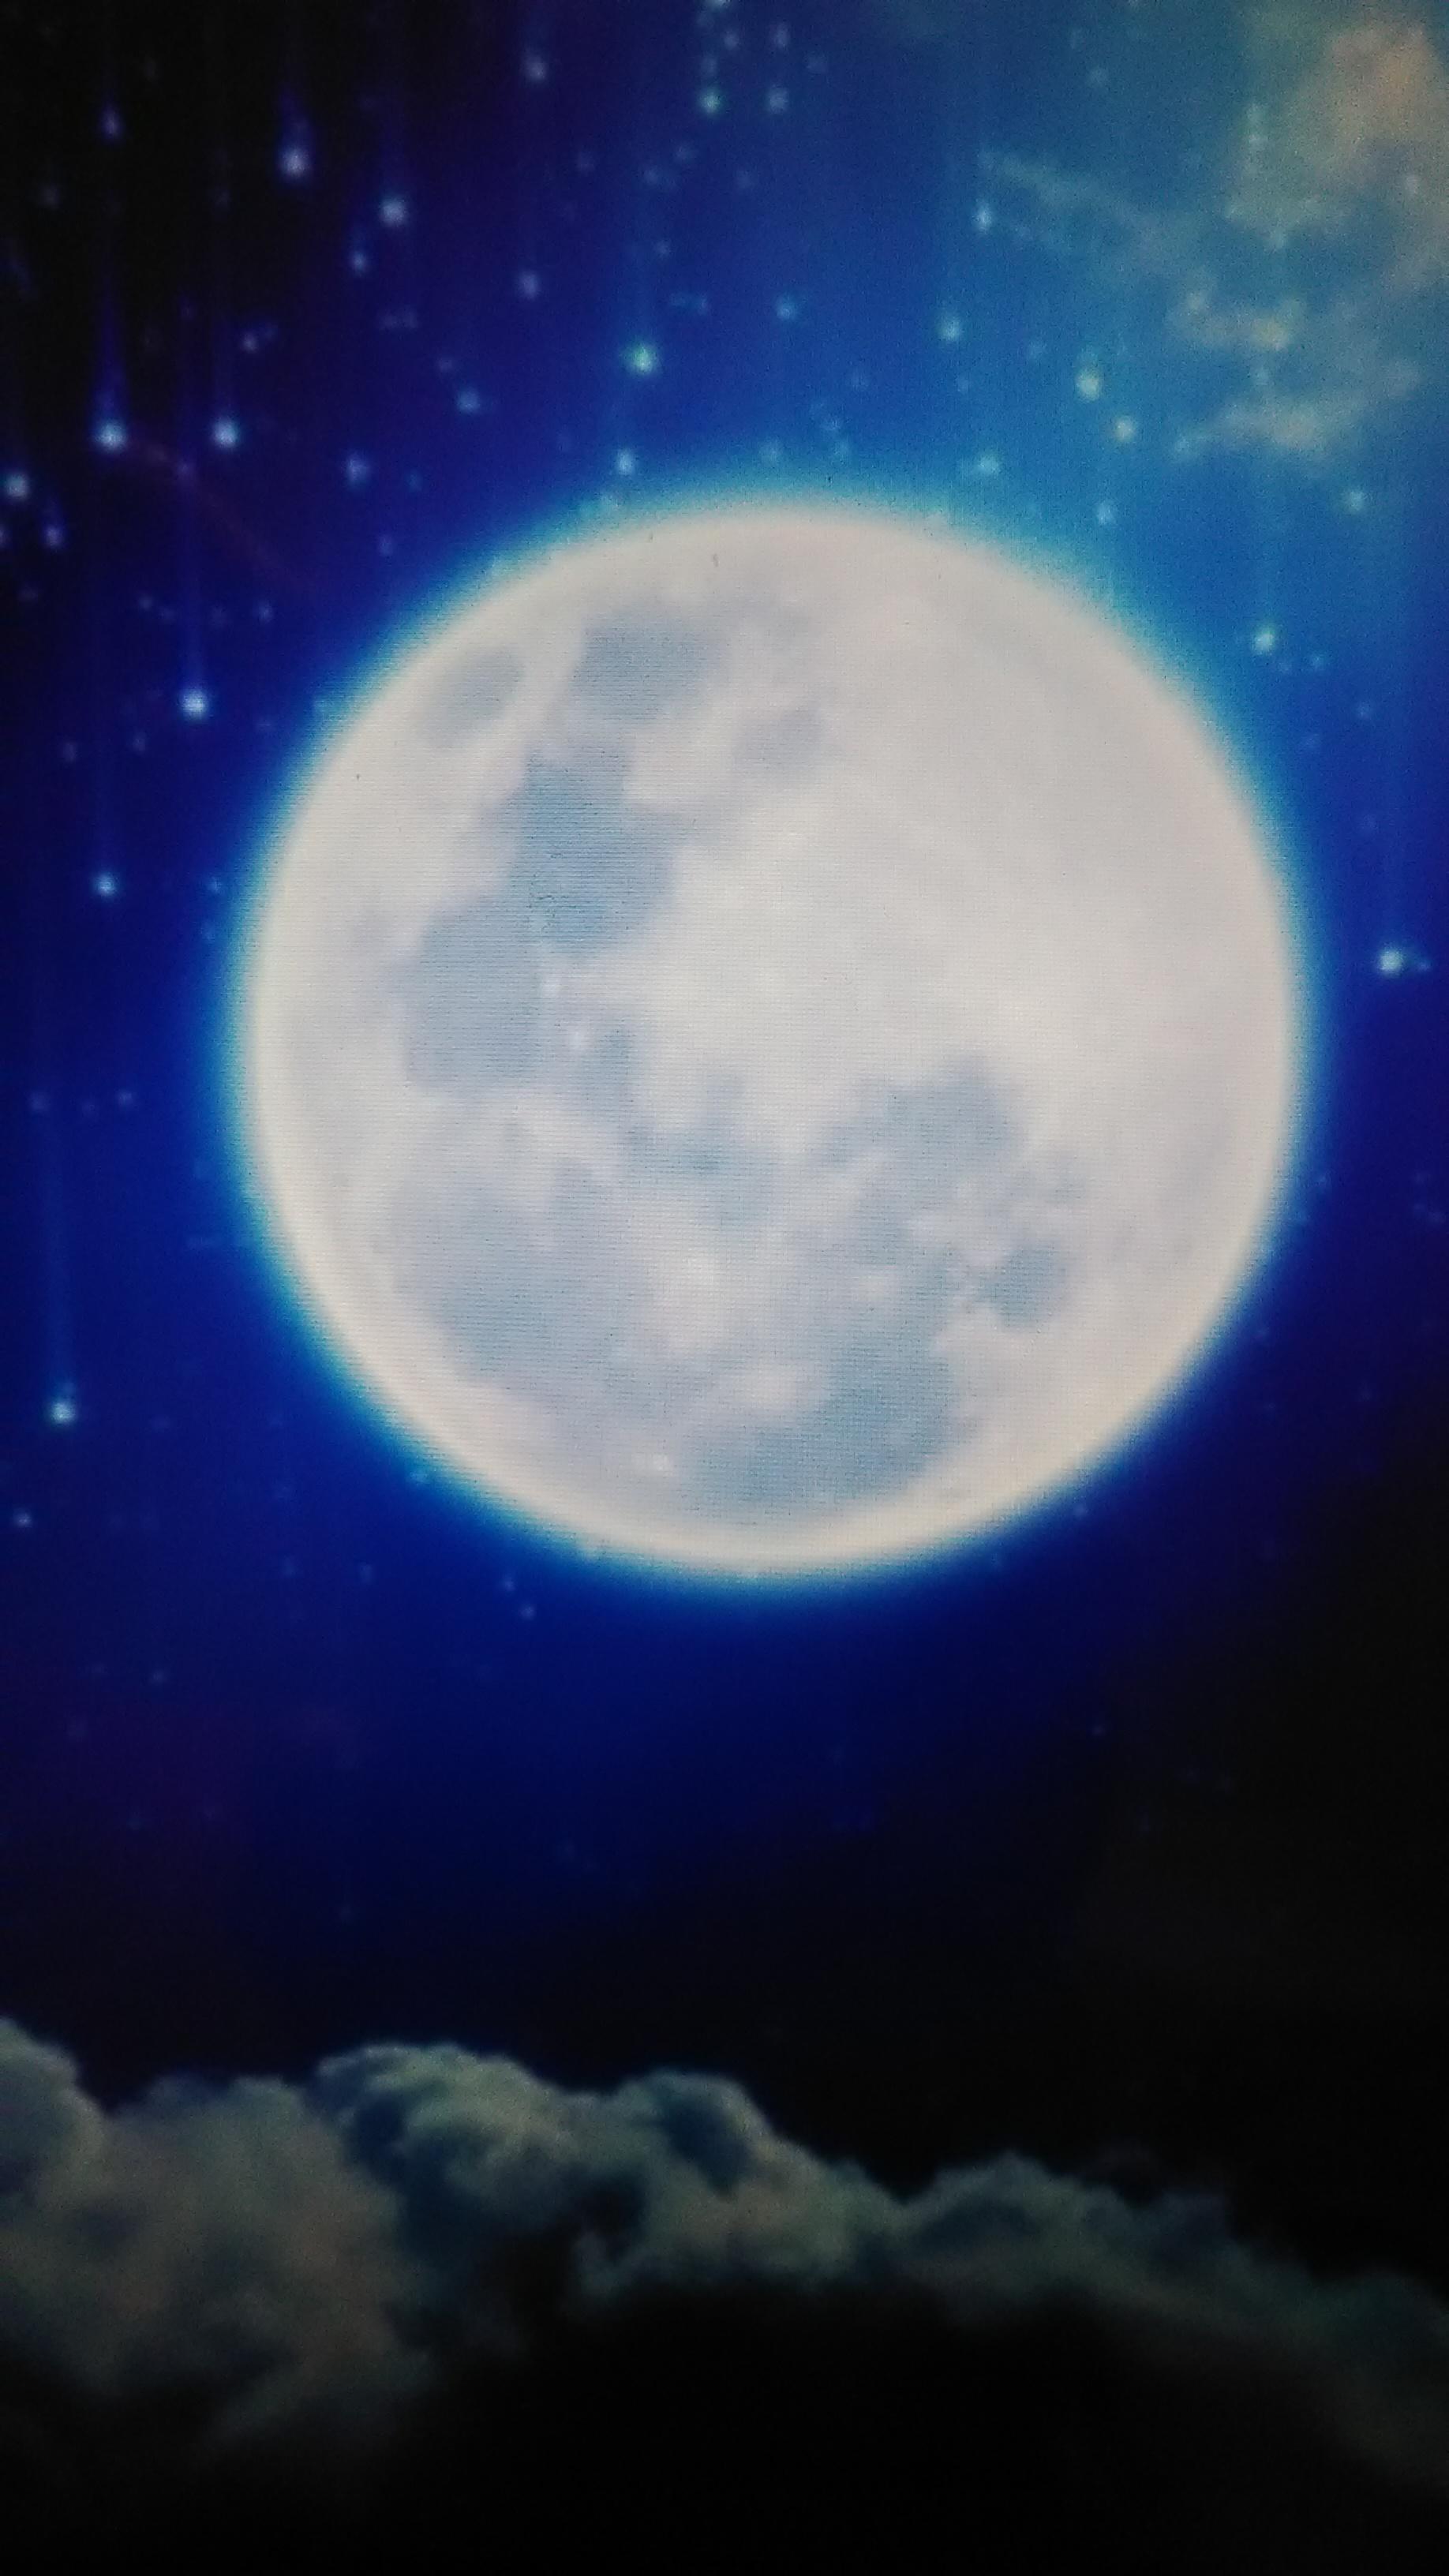 お ひつじ 座 満月